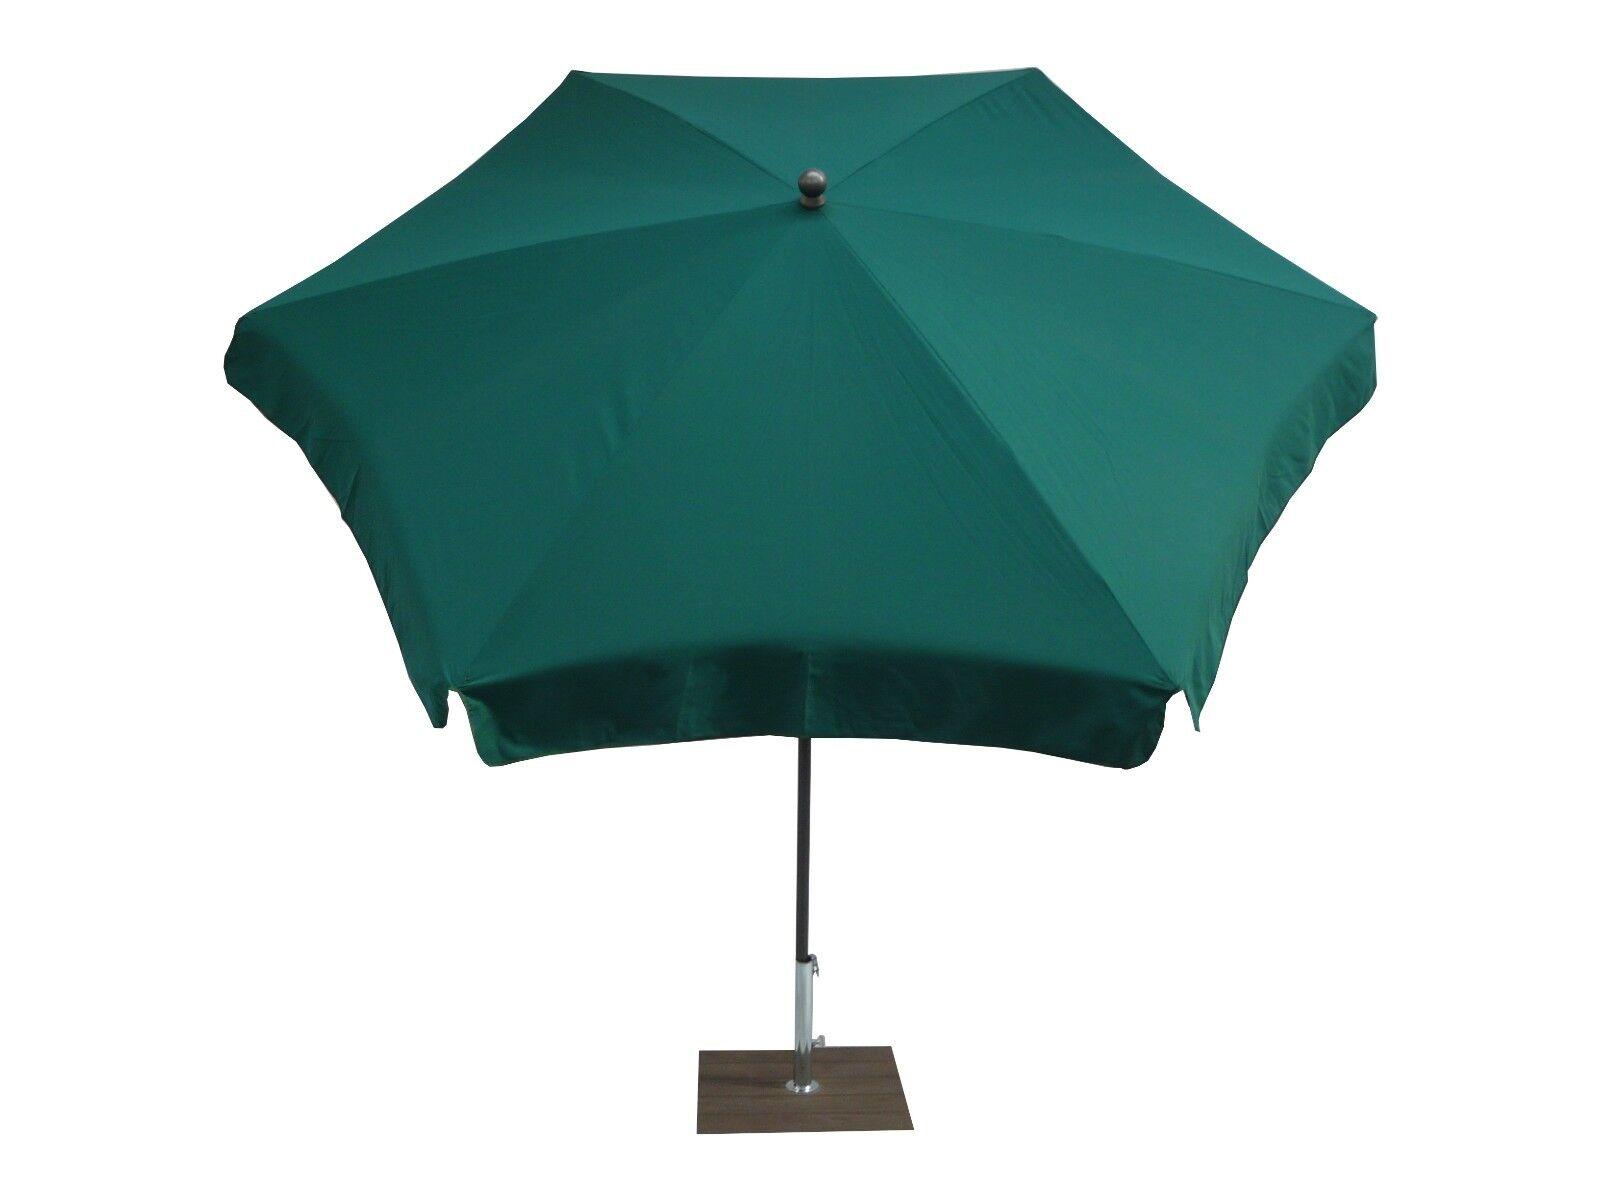 Maffei ombrellone esagonale Mare Art.75 6 verde dralon d.250 cm made in